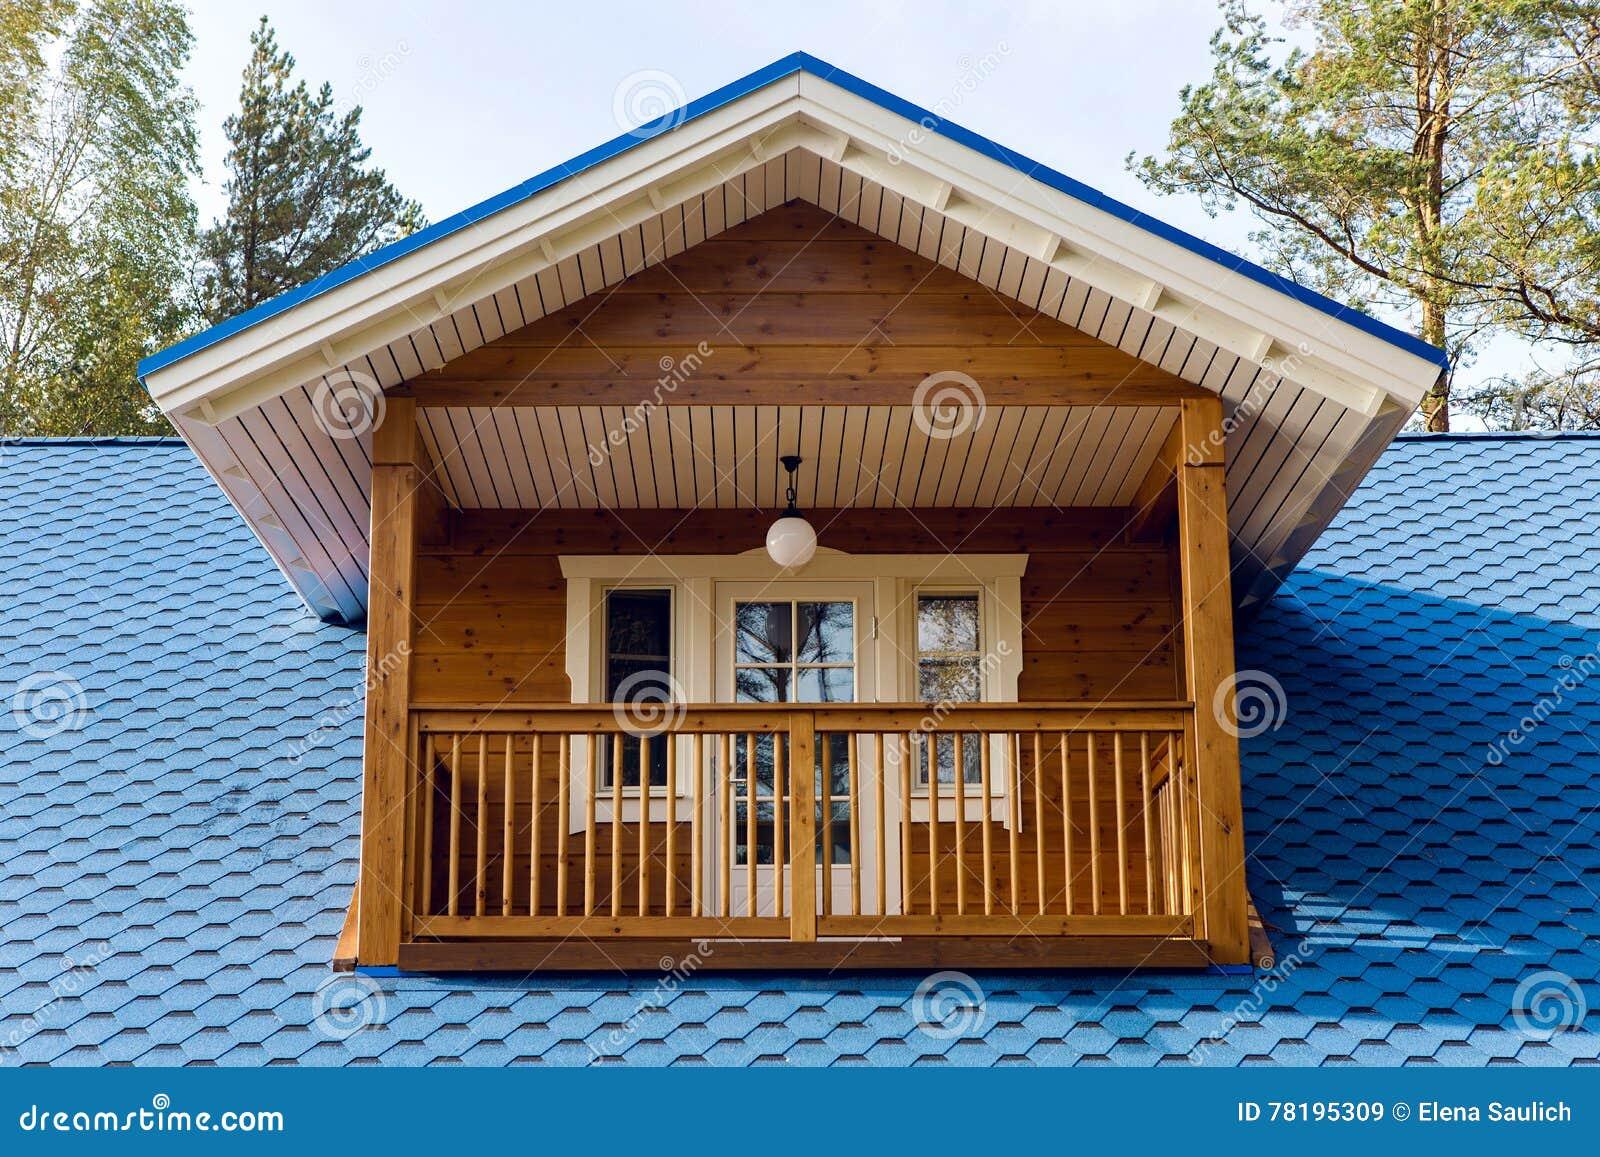 balcon en bois dans une petite maison avec le toit bleu image stock image du bleu. Black Bedroom Furniture Sets. Home Design Ideas